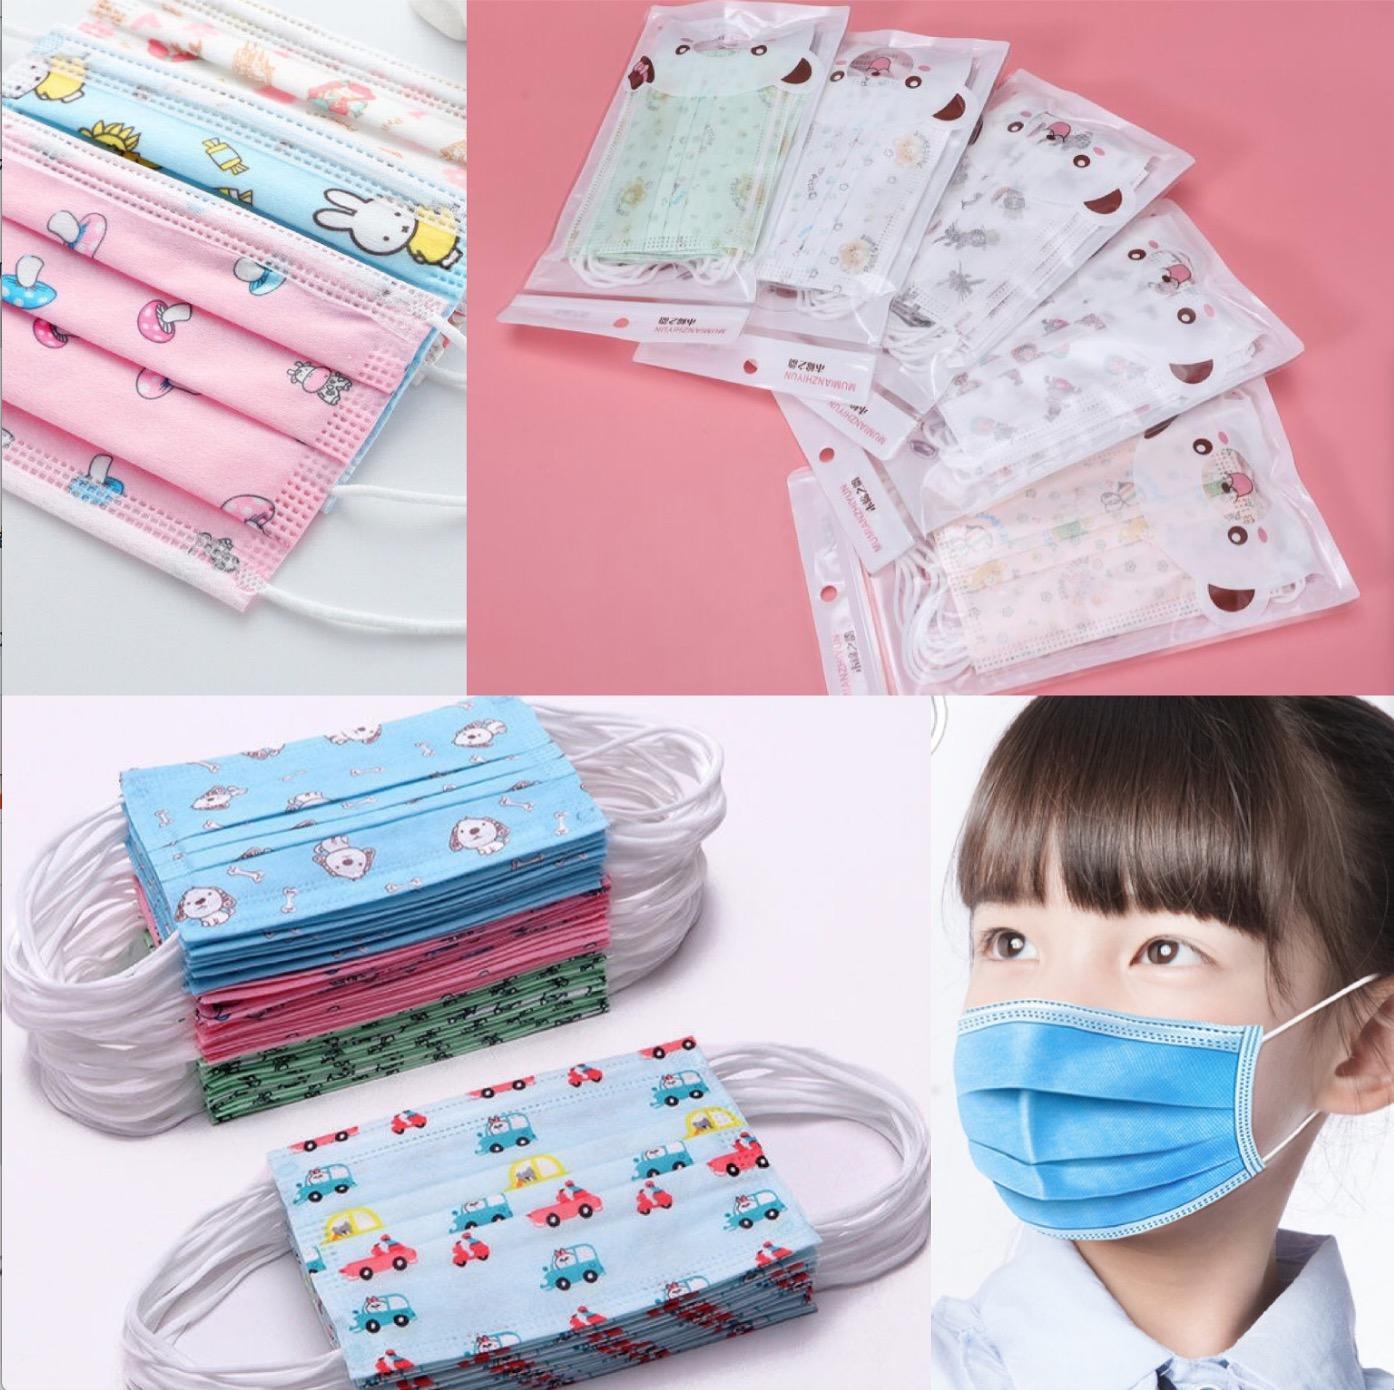 Máscaras para niños paquete al por menor de mascarillas diseñador de moda infantil máscara facial niños 3layers desechables máscara protectora boca cabrito nave DHL en 8 horas